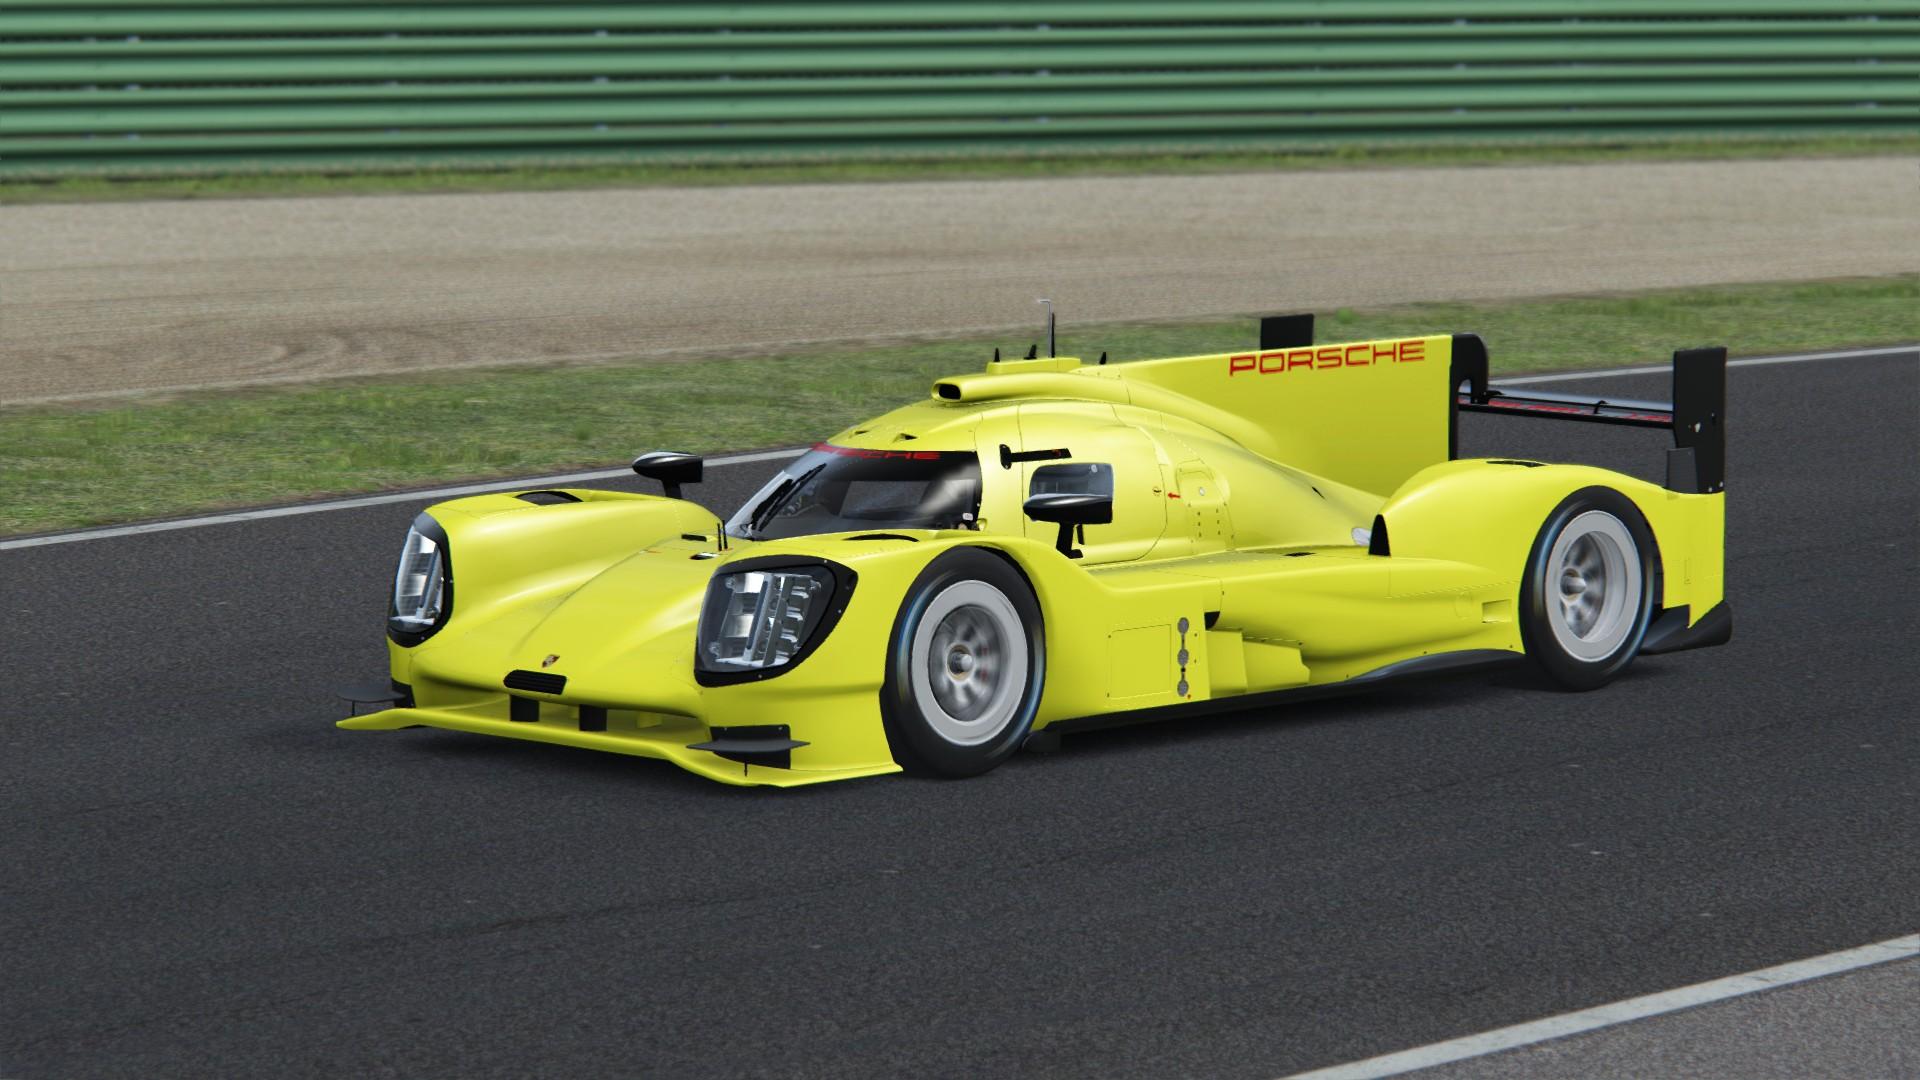 car1-2.jpg